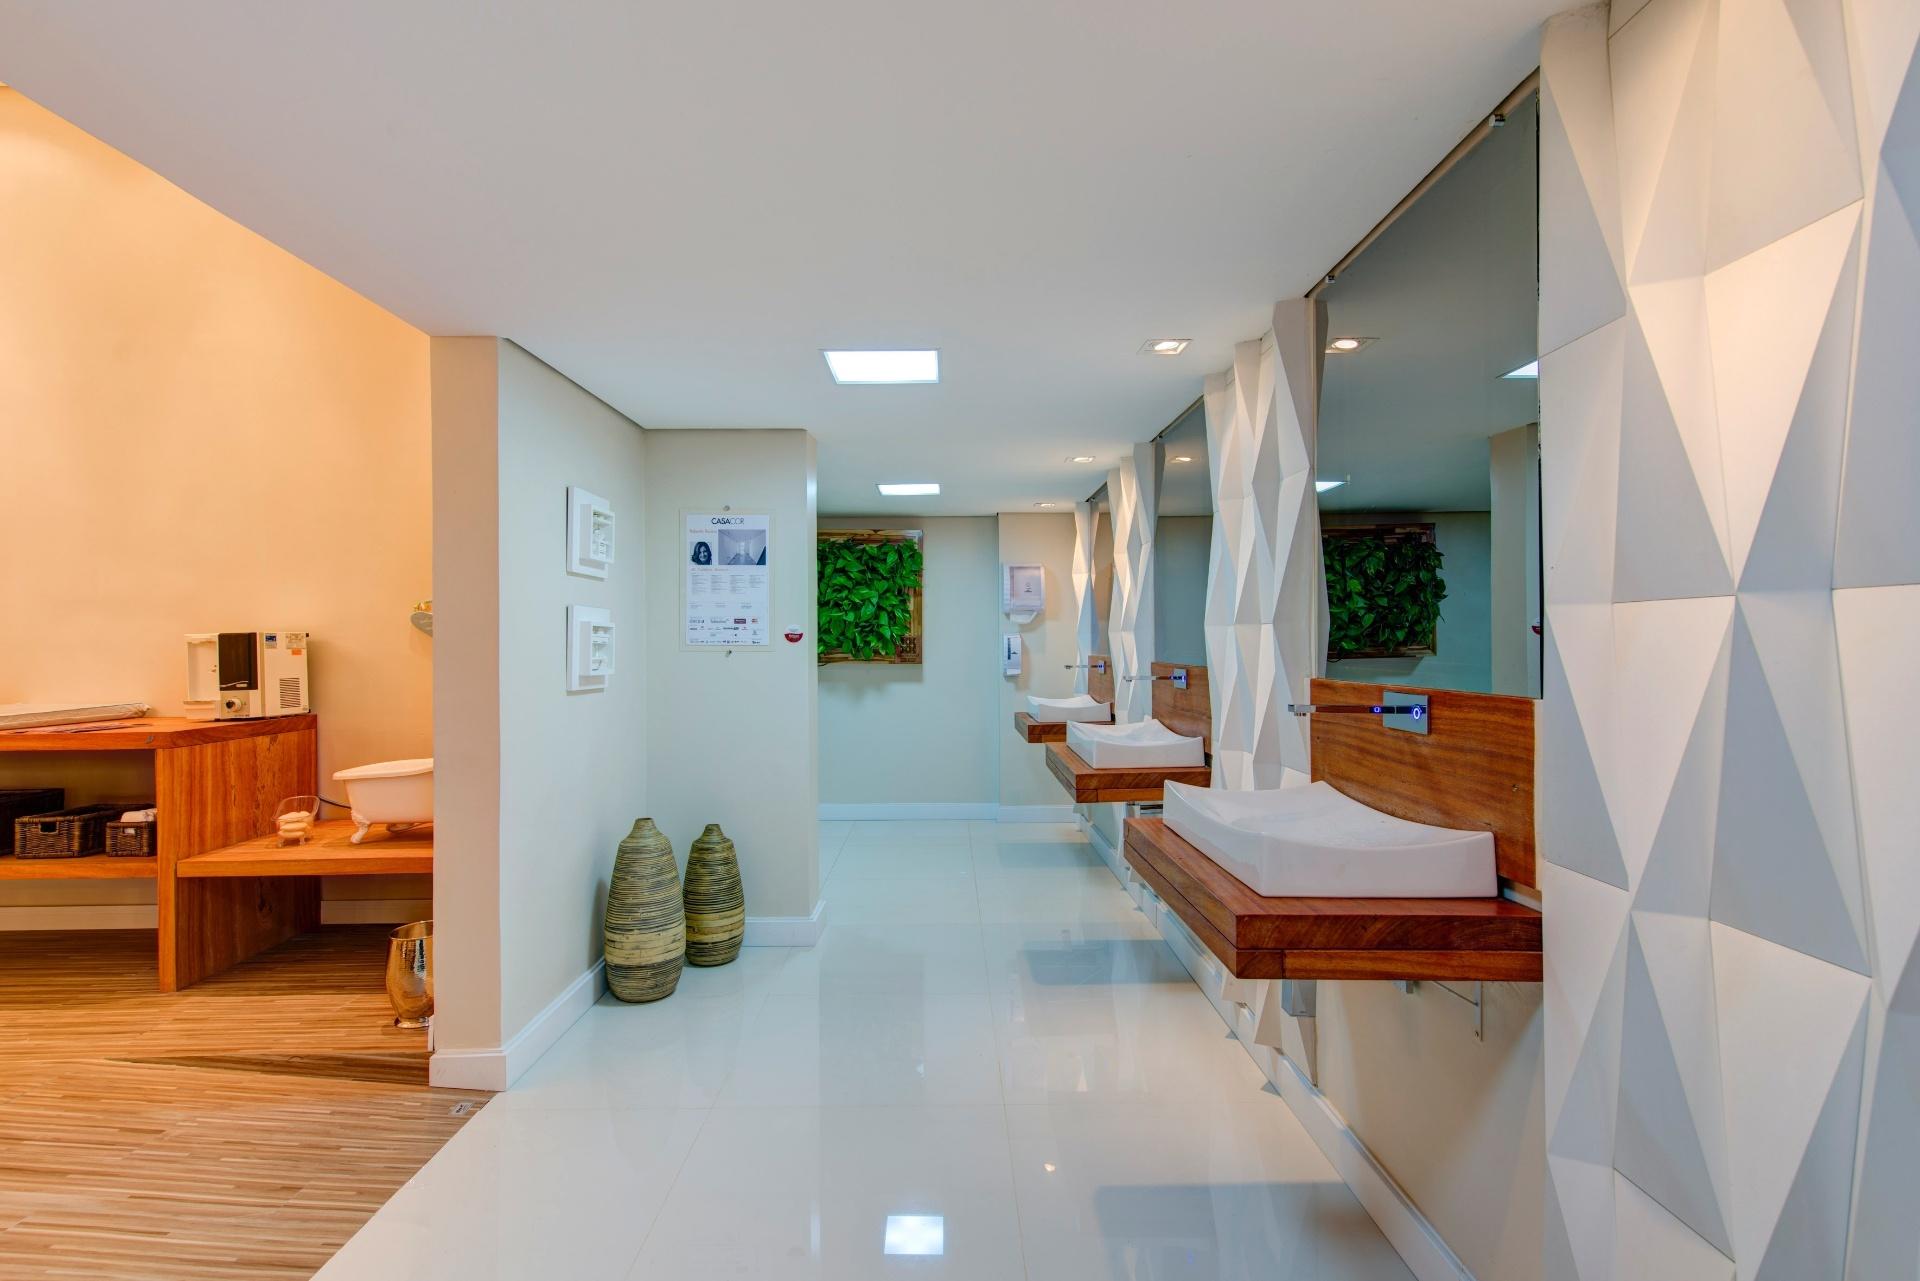 Imagens de #783611 Casa Cor Sp Apresenta Produtos Inovadores Silestone Em Aplicações  1920x1281 px 3564 Bbb No Banheiro 2014